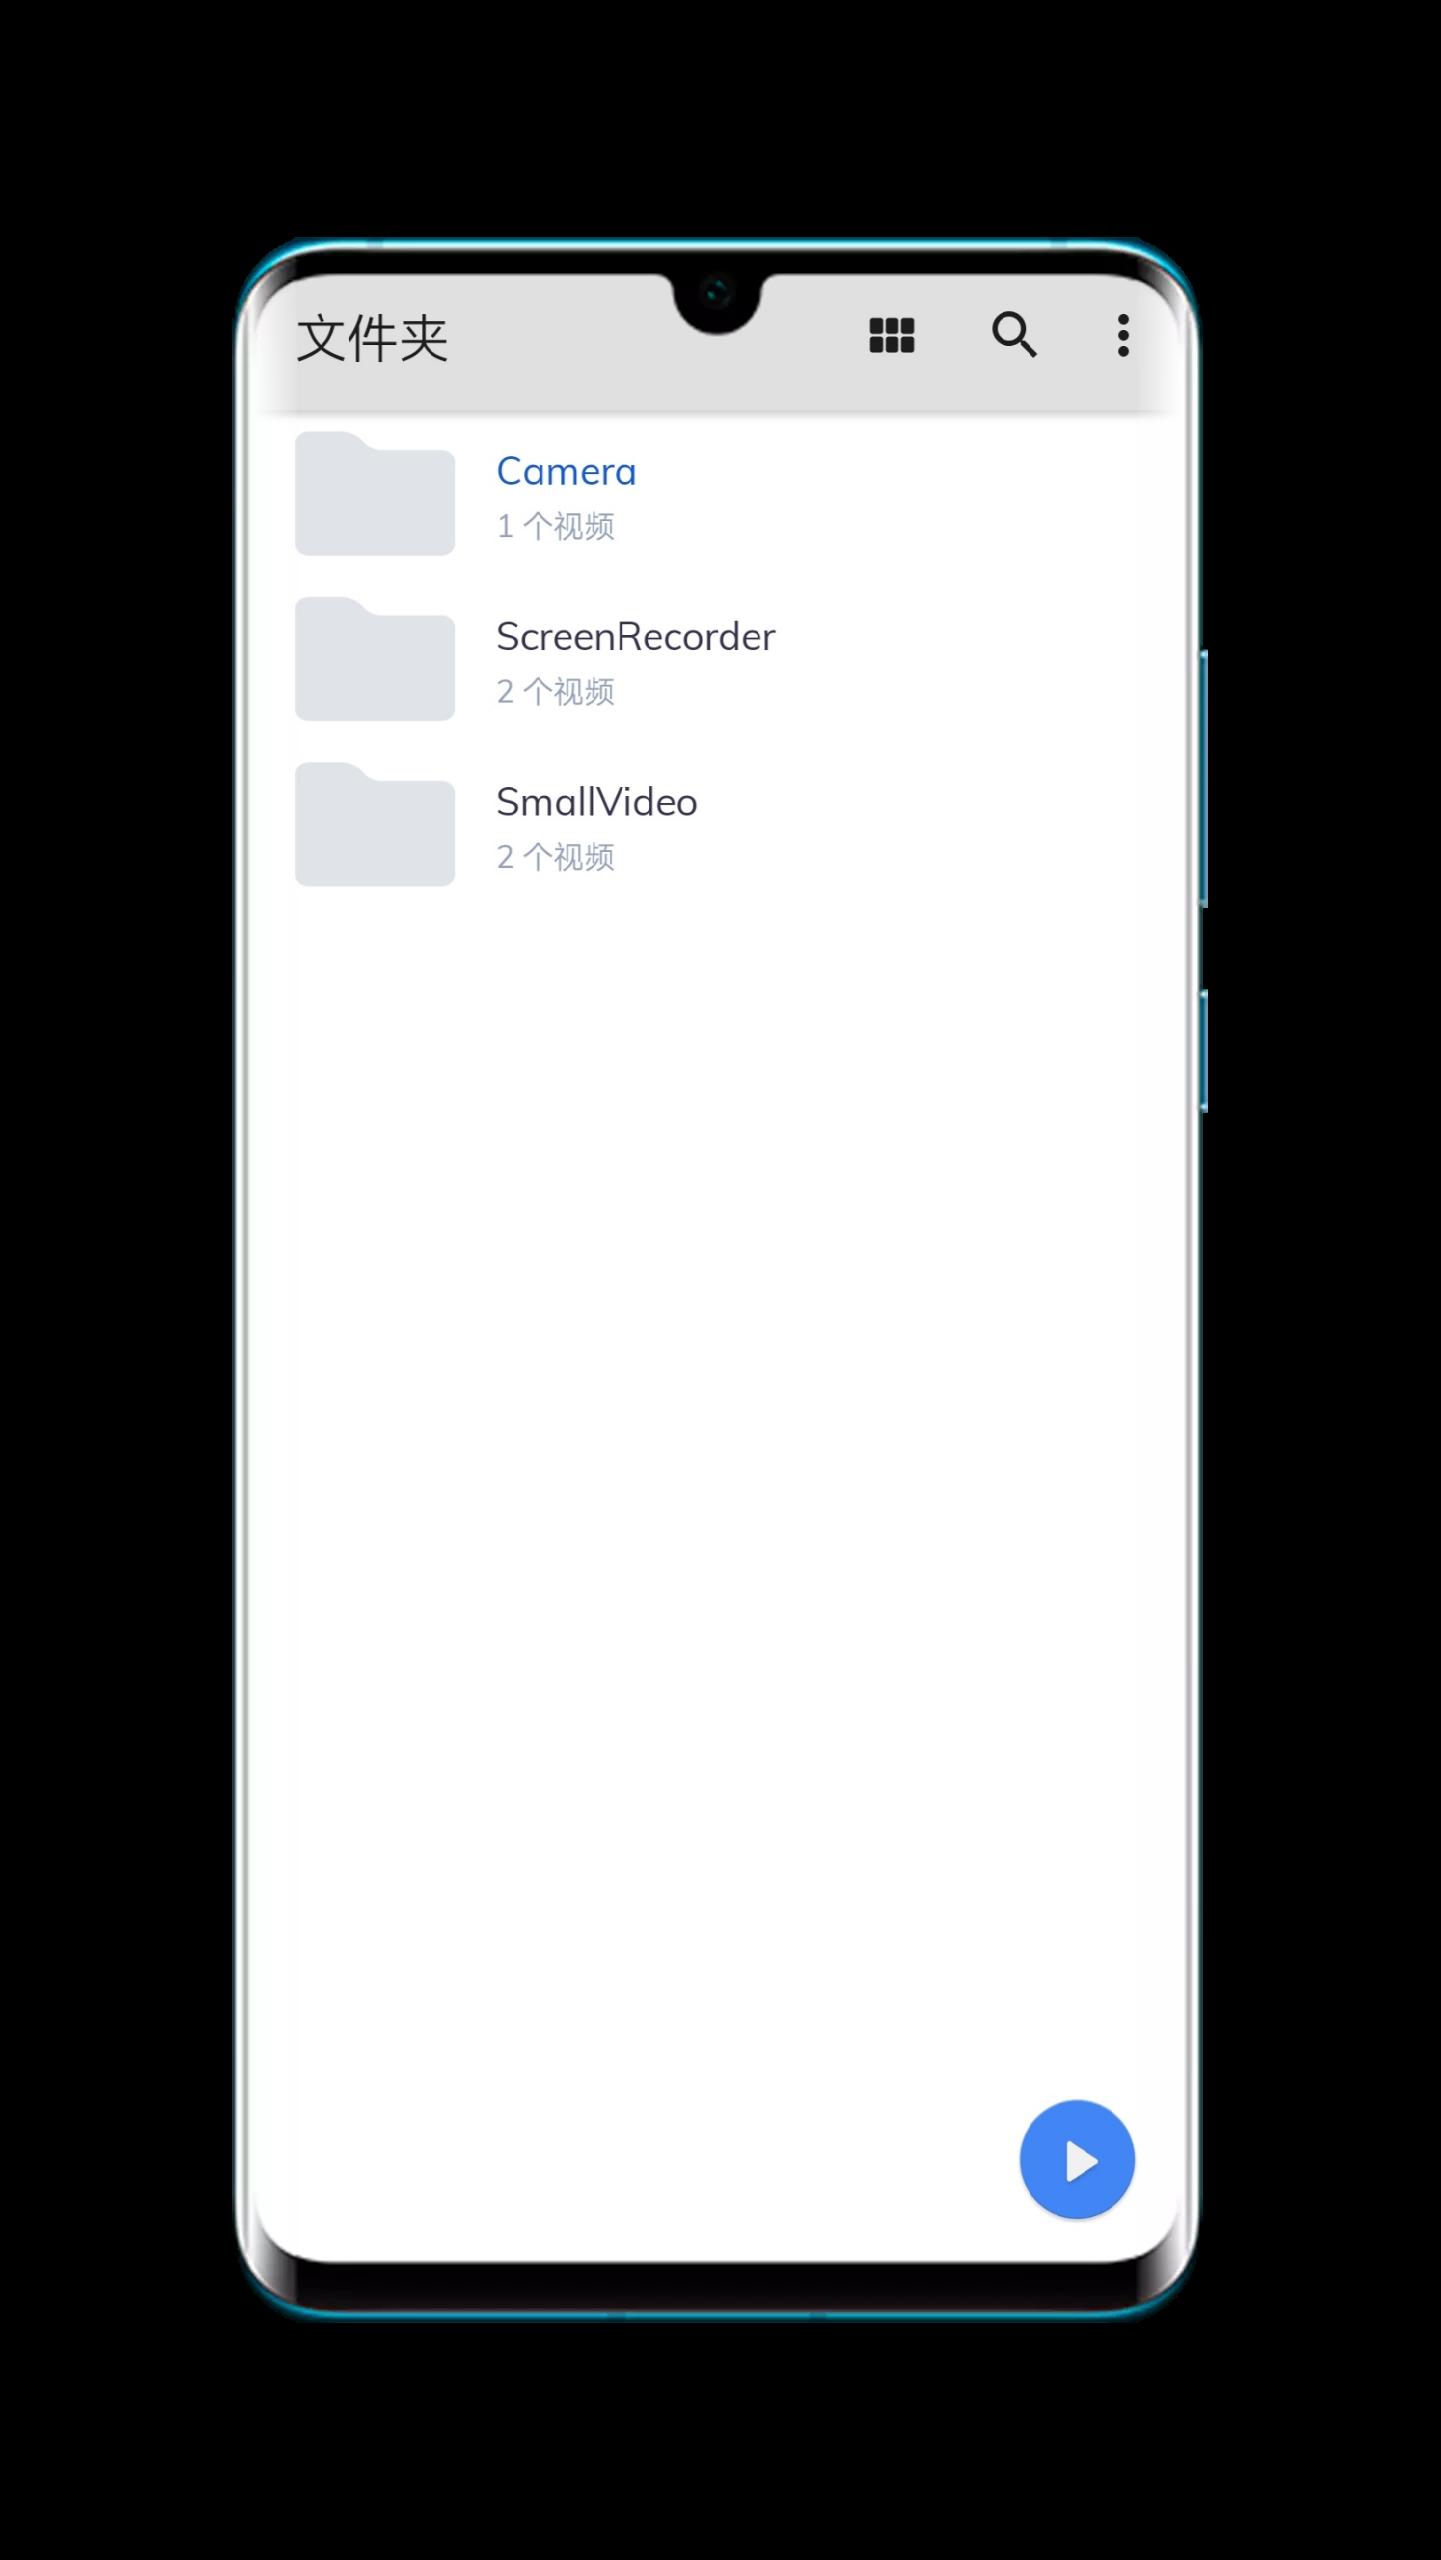 【原创分享】专业的视频播放器,解码模式多…观看视频的最佳方式!